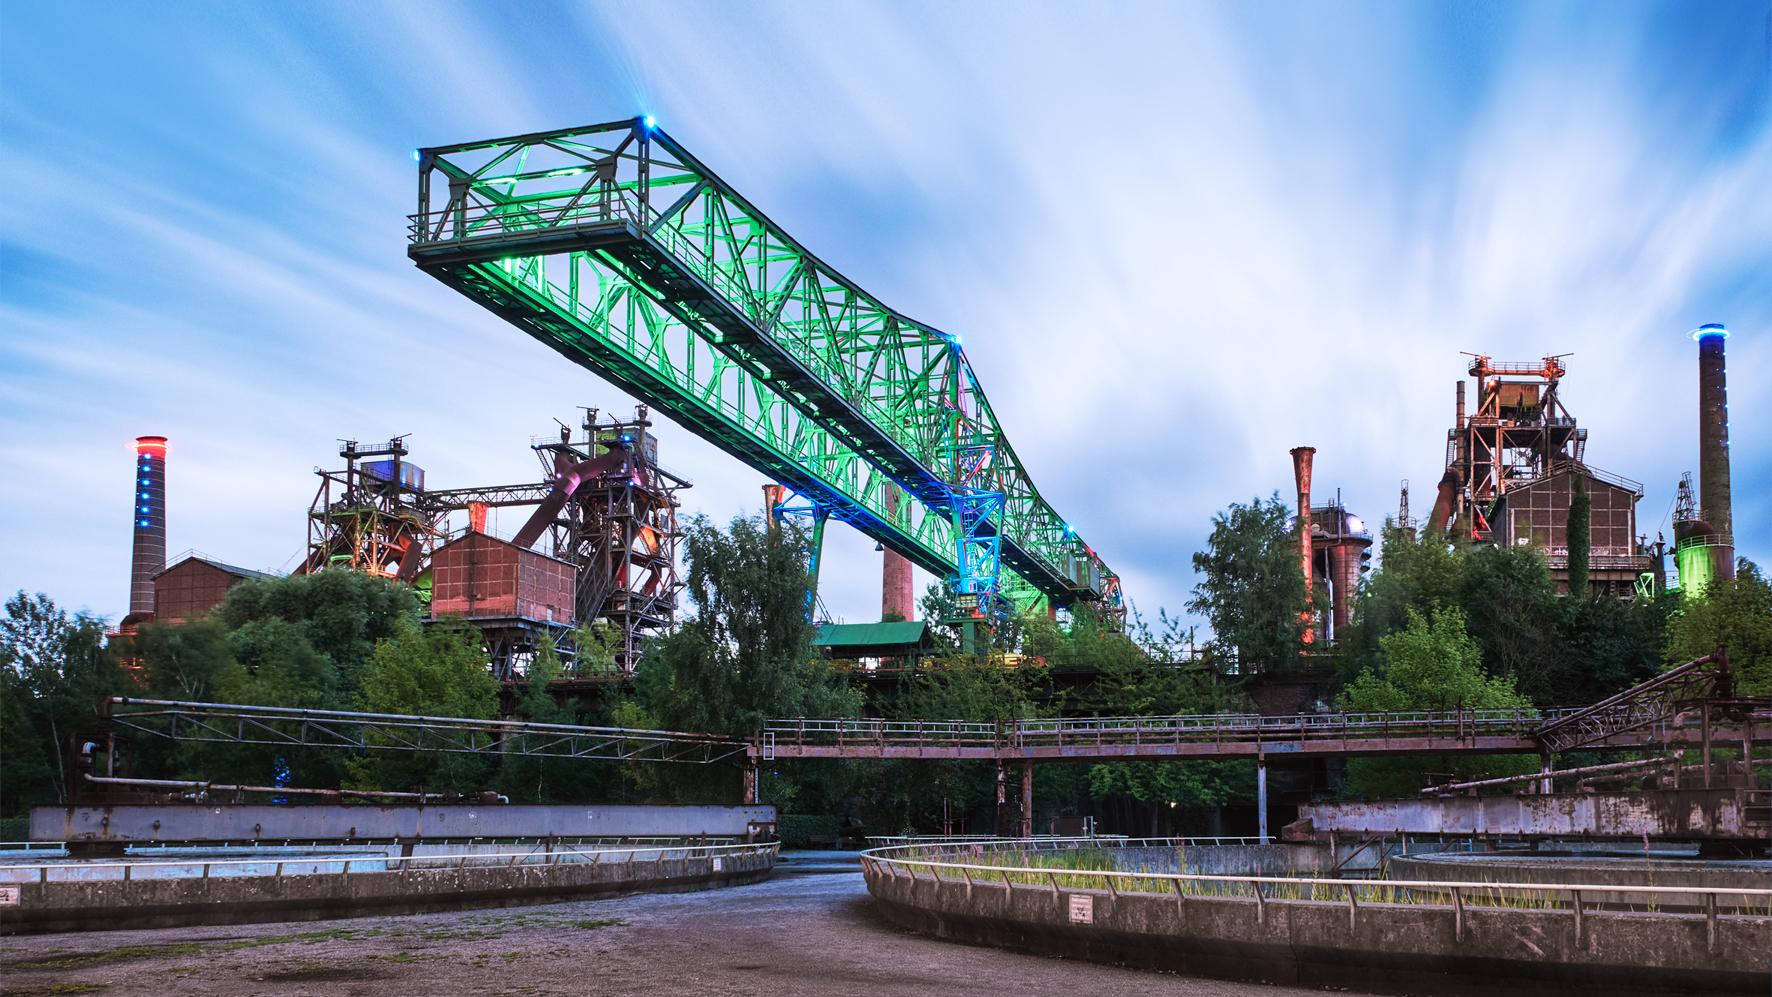 Ein Fotomotiv aus dem Landschaftspark Duisburg-Nord © Photo Adventure, Olav Brehmer/Jochen Kohl